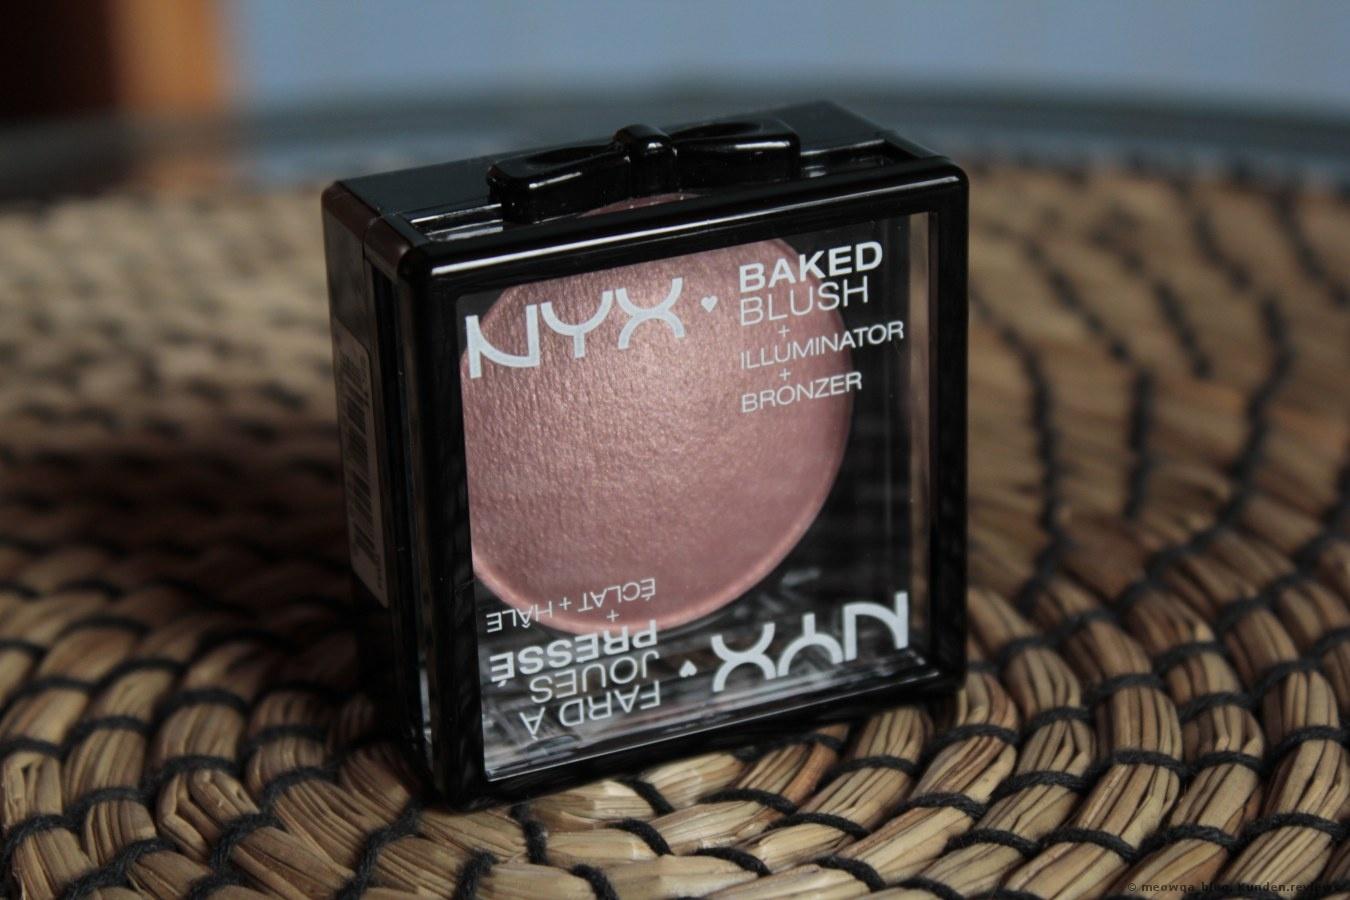 NYX Baked Blush